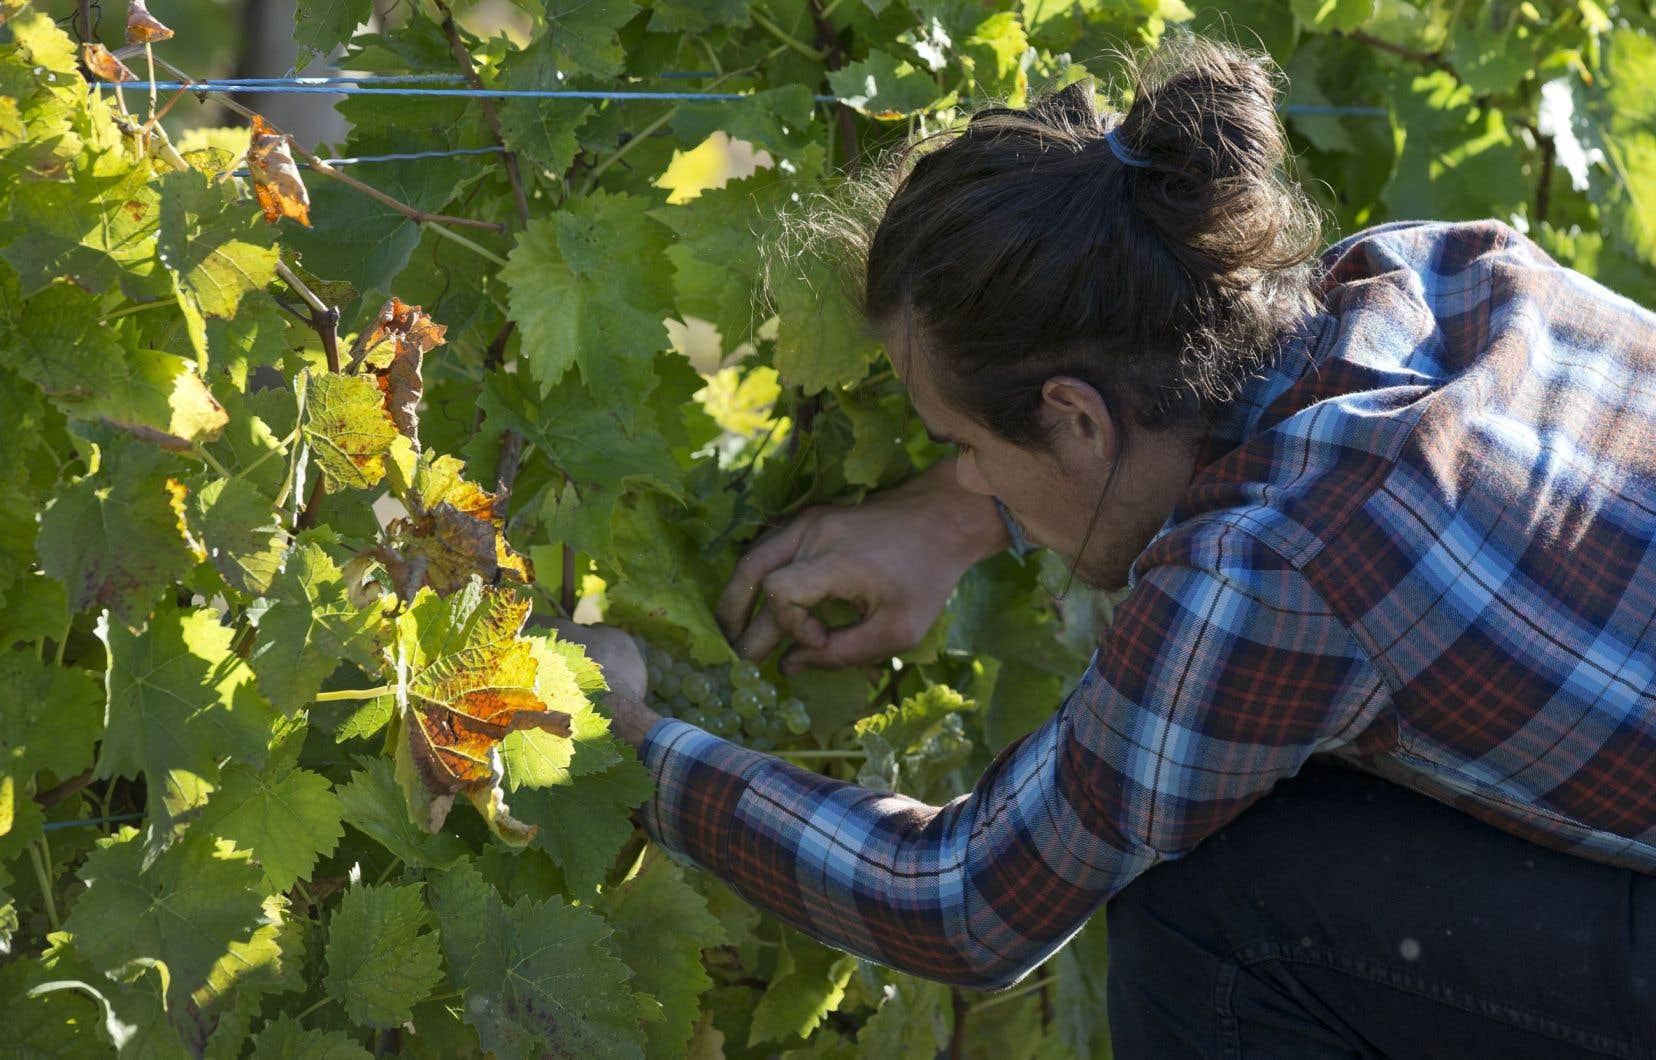 L'indication géographique protégée «Vin du Québec» a été reconnue le 16novembre dernier par le ministre de l'Agriculture, des Pêcheries et de l'Alimentation, André Lamontagne.